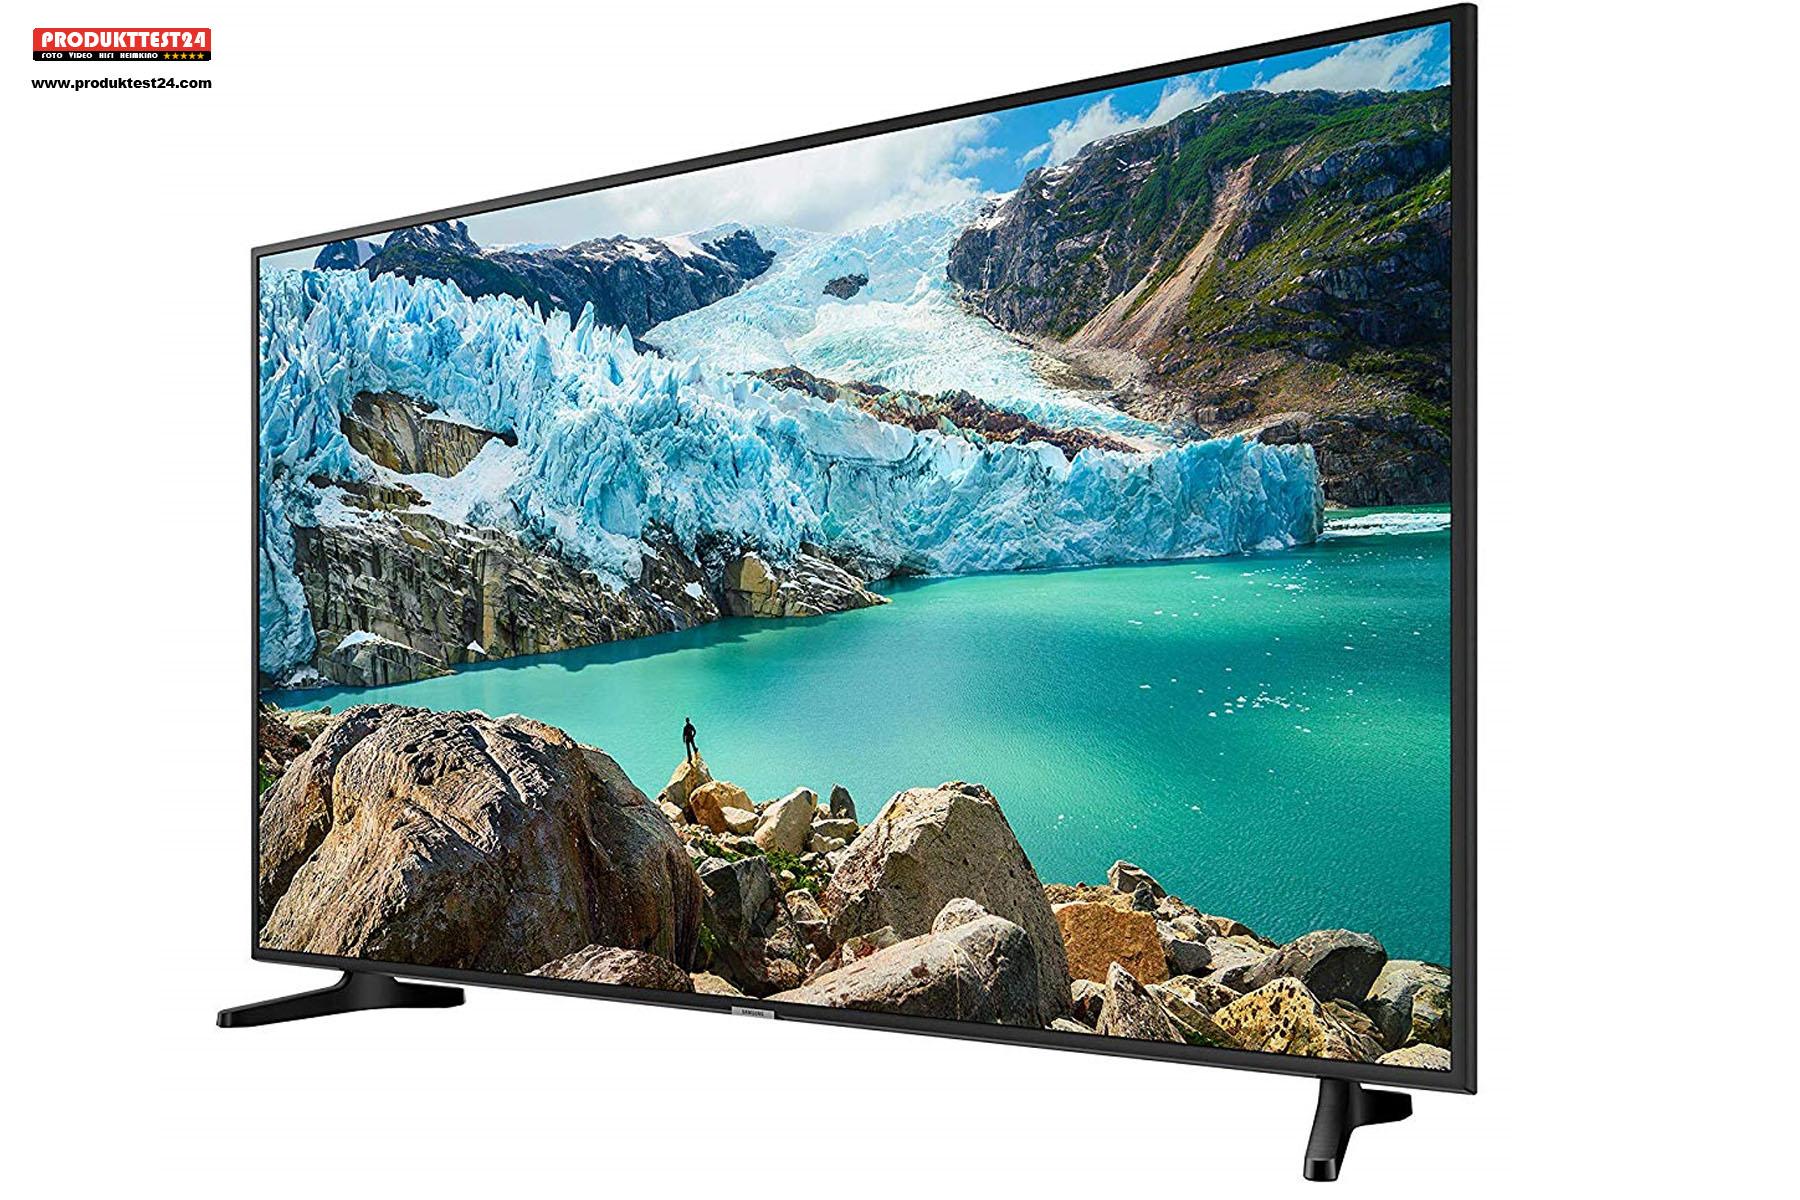 Der Samsung 4K UHD Fernseher unterstützt HDR10+